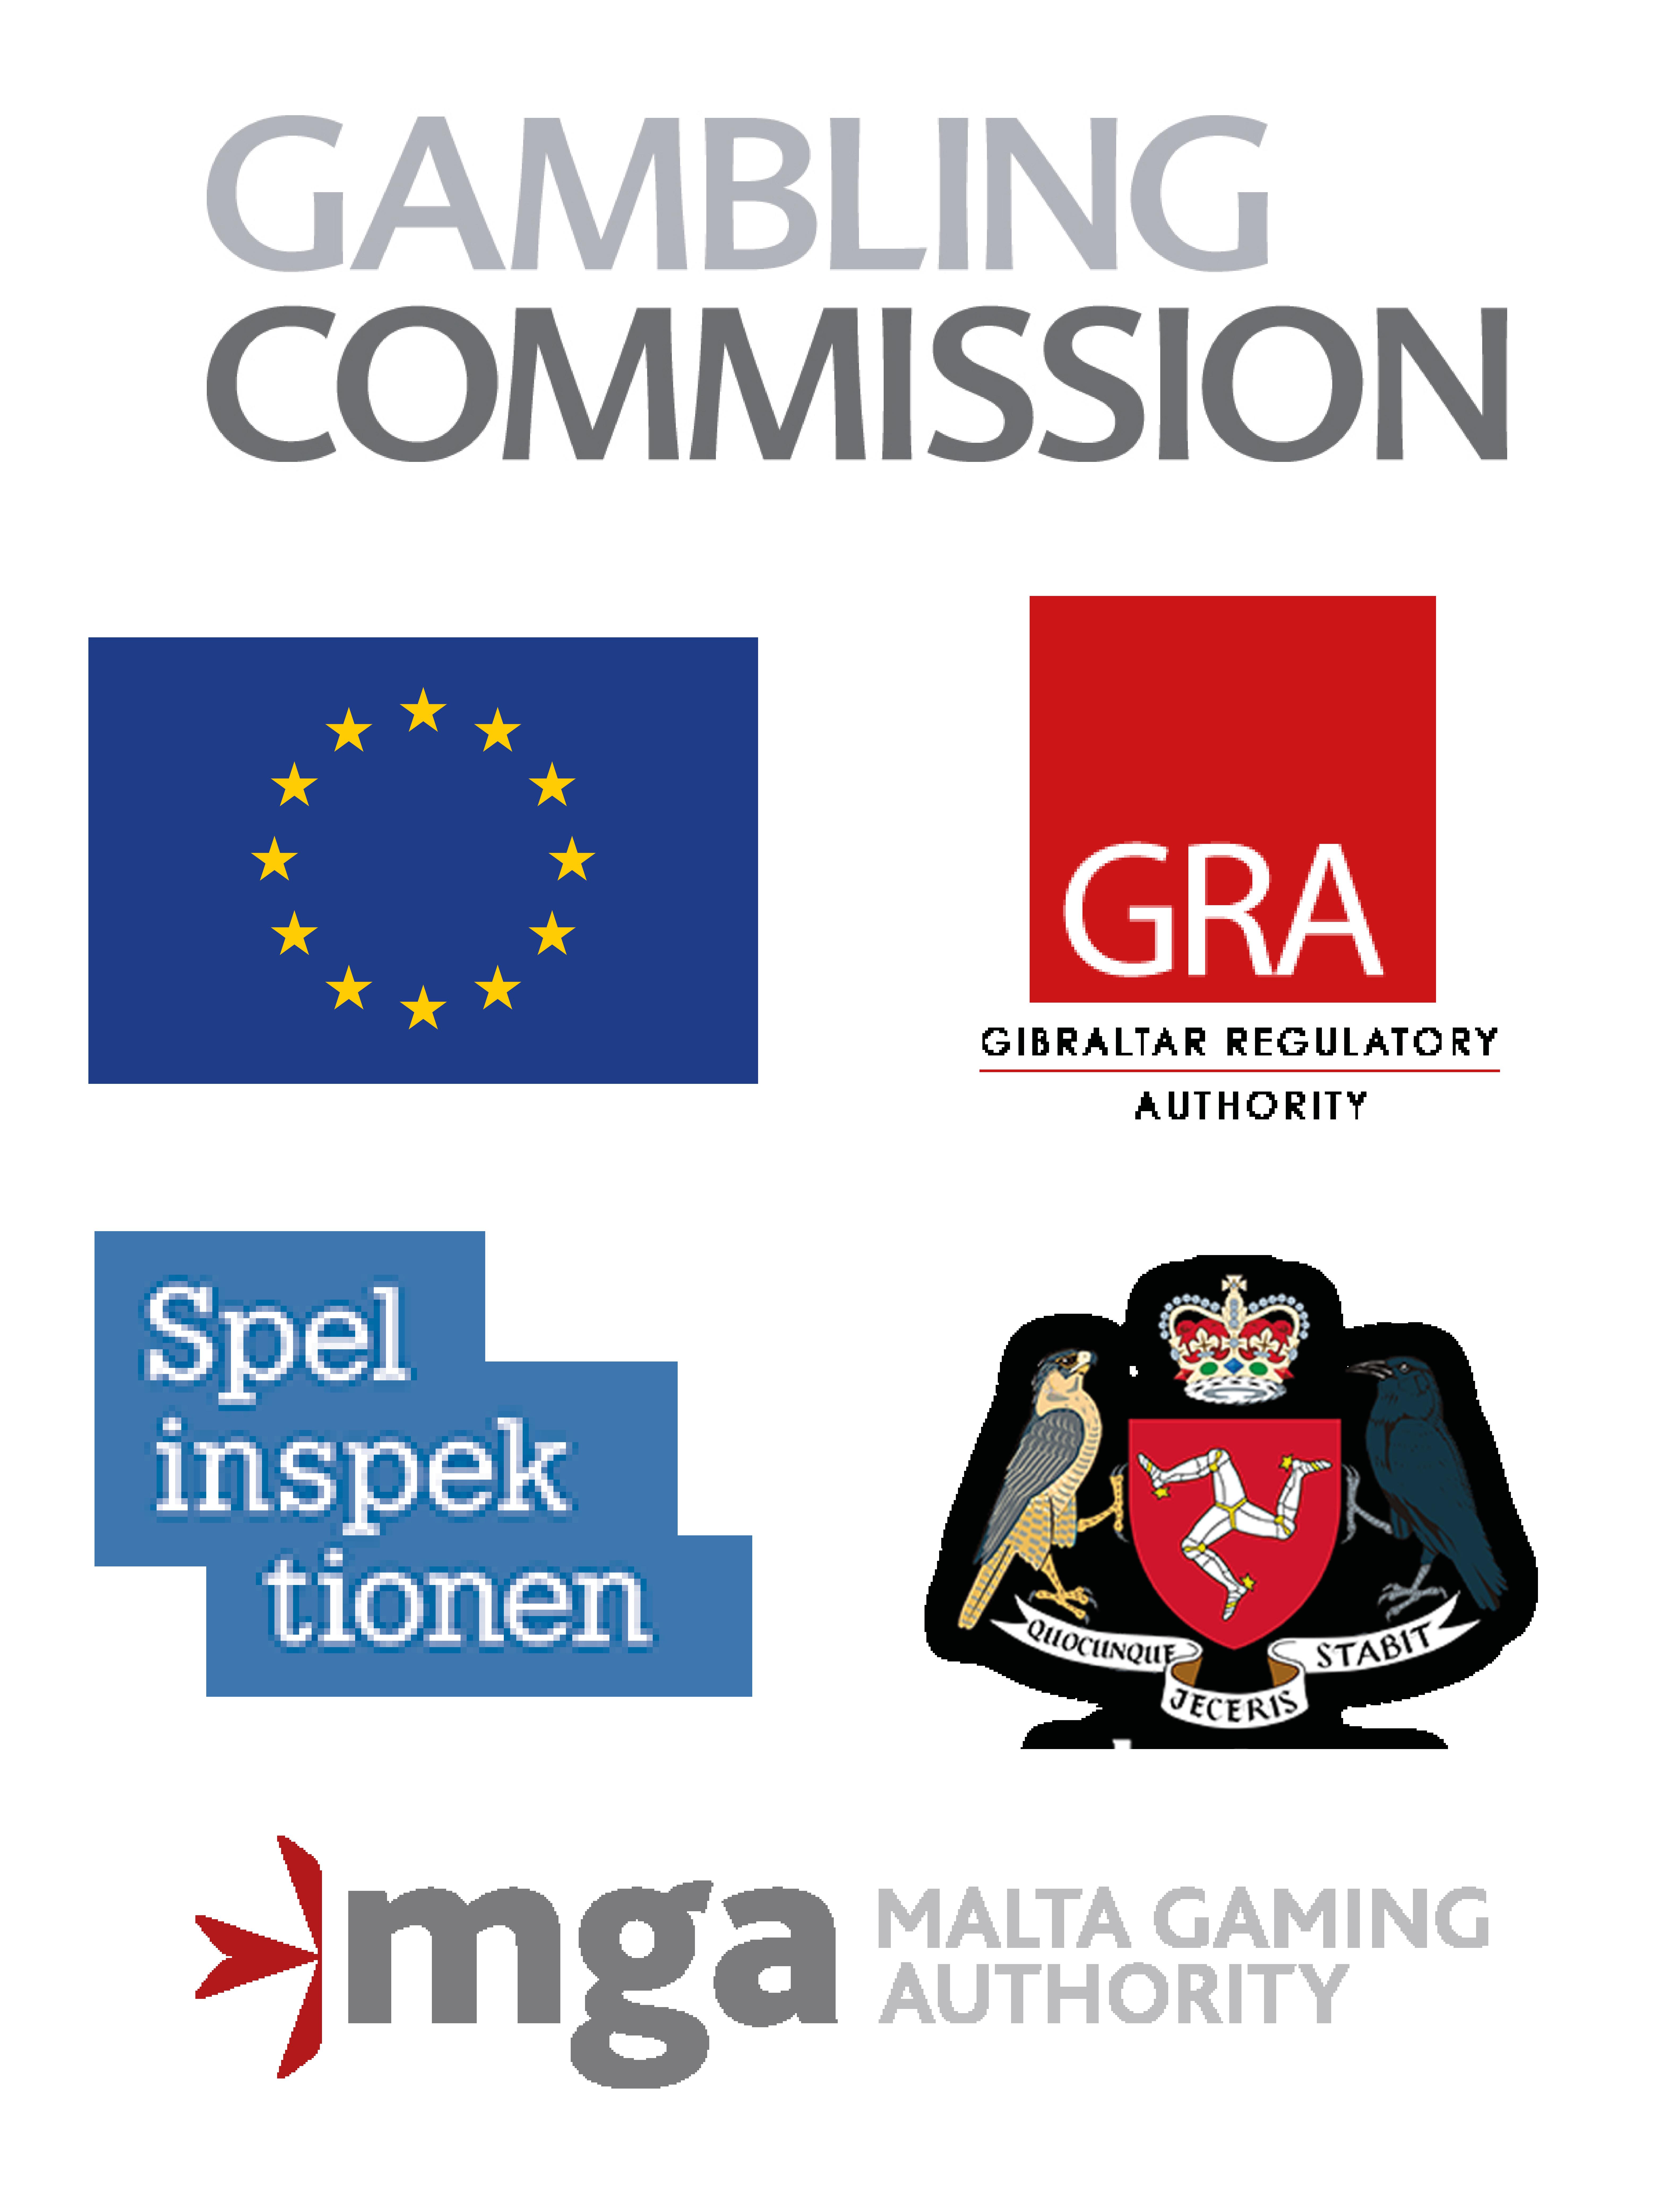 Regulator Logos - Europe